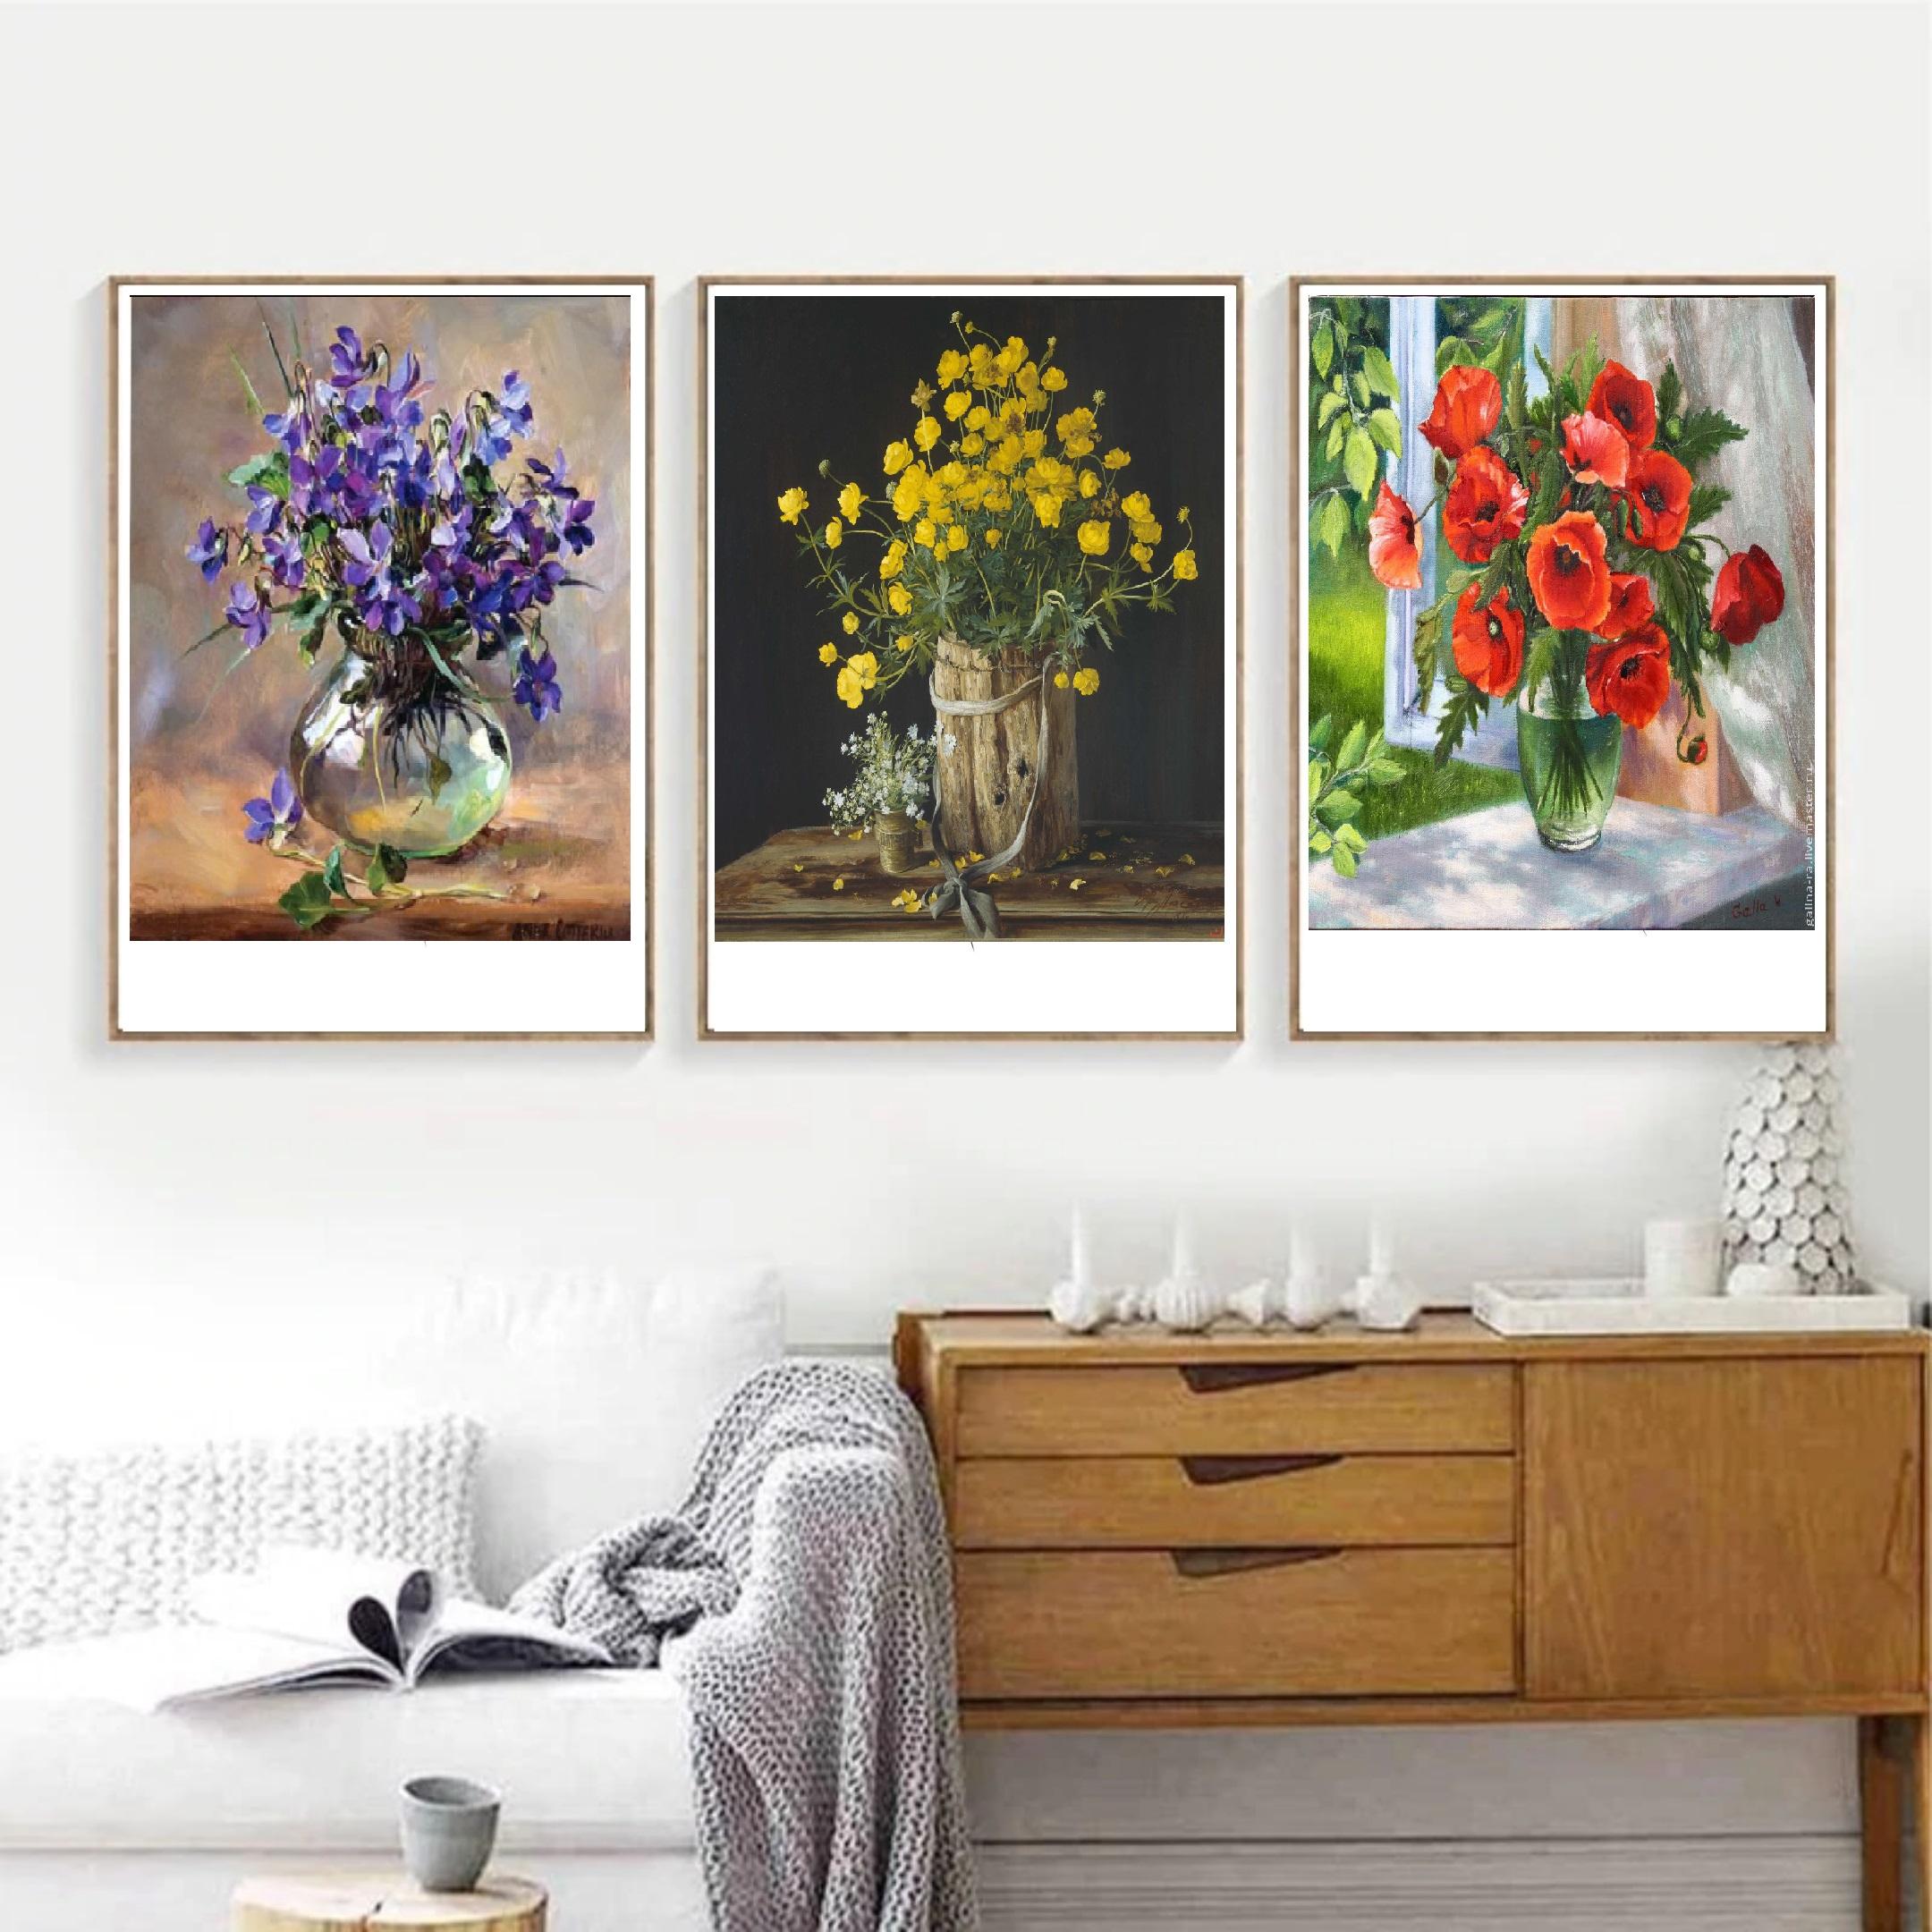 Bộ 3 tranh LỌ HOA CỔ ĐIỂN PHONG CÁCH SƠN DẦU treo tường trang trí phòng khách,phòng ăn, phòng ngủ, PVP-DC302